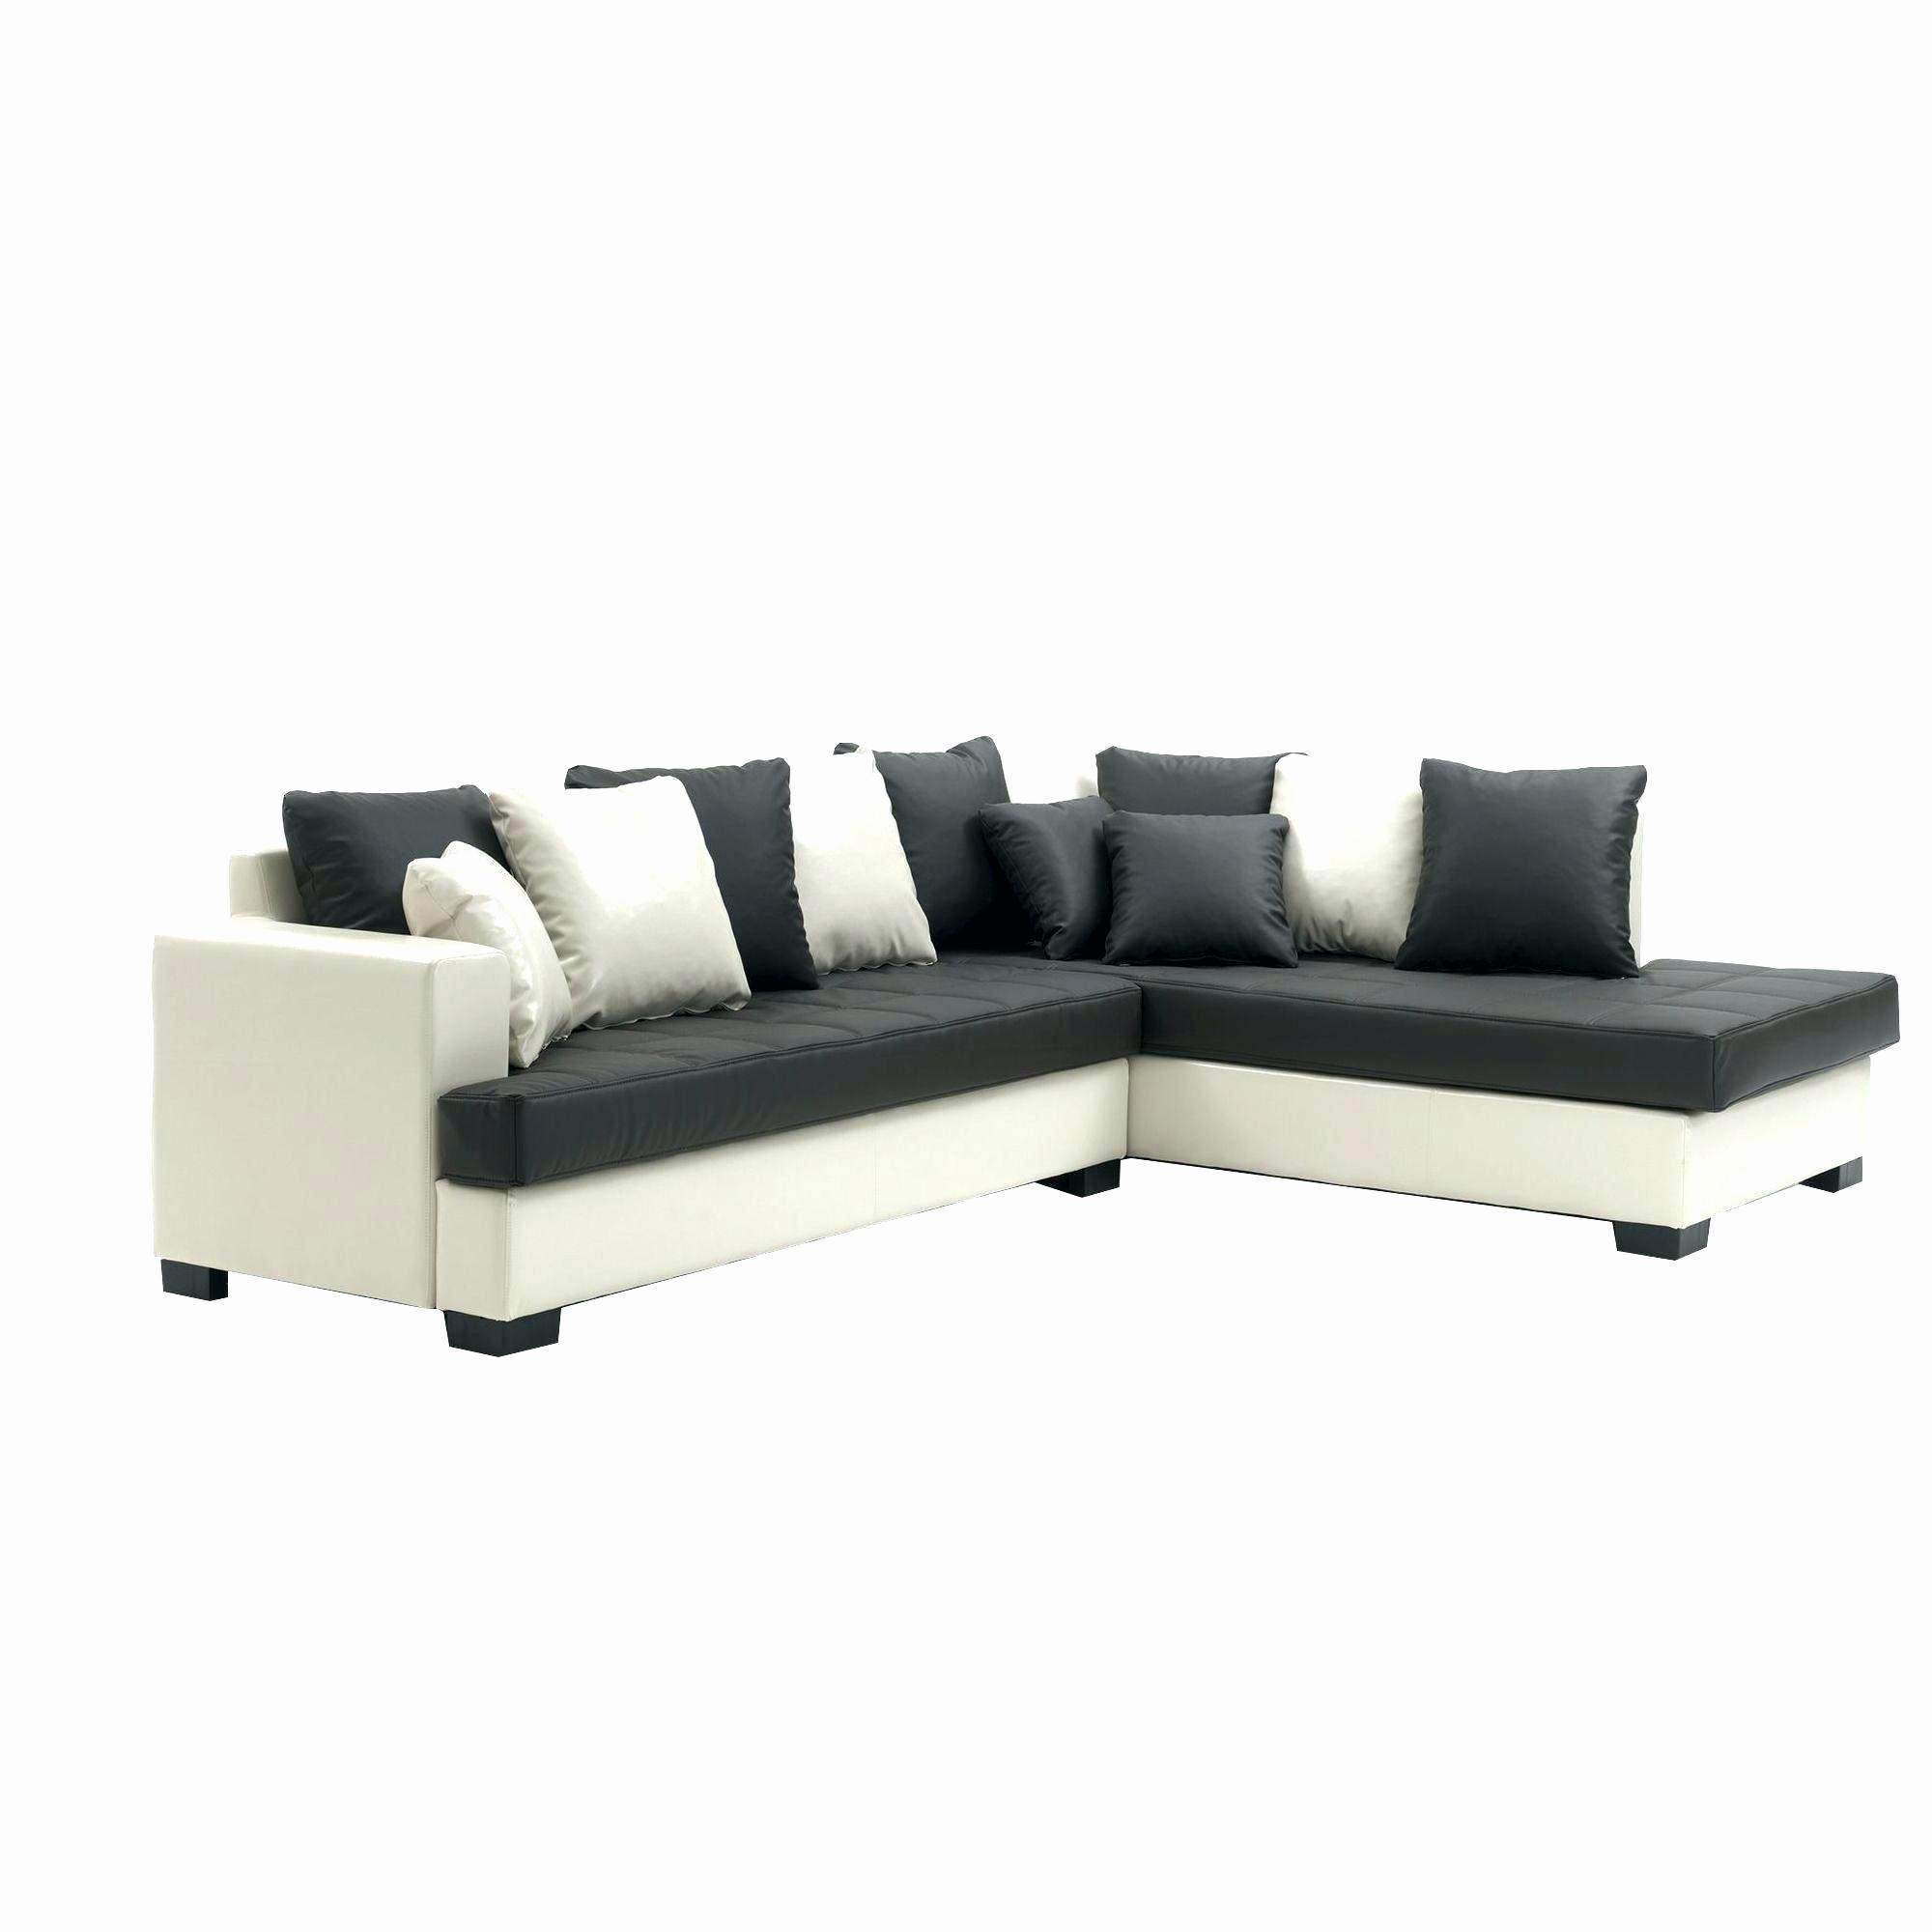 Canape Rapido Ikea Meilleur De Stock Matelas Pour Canape Convertible Frais Matelas Pour Clic Clac Ikea